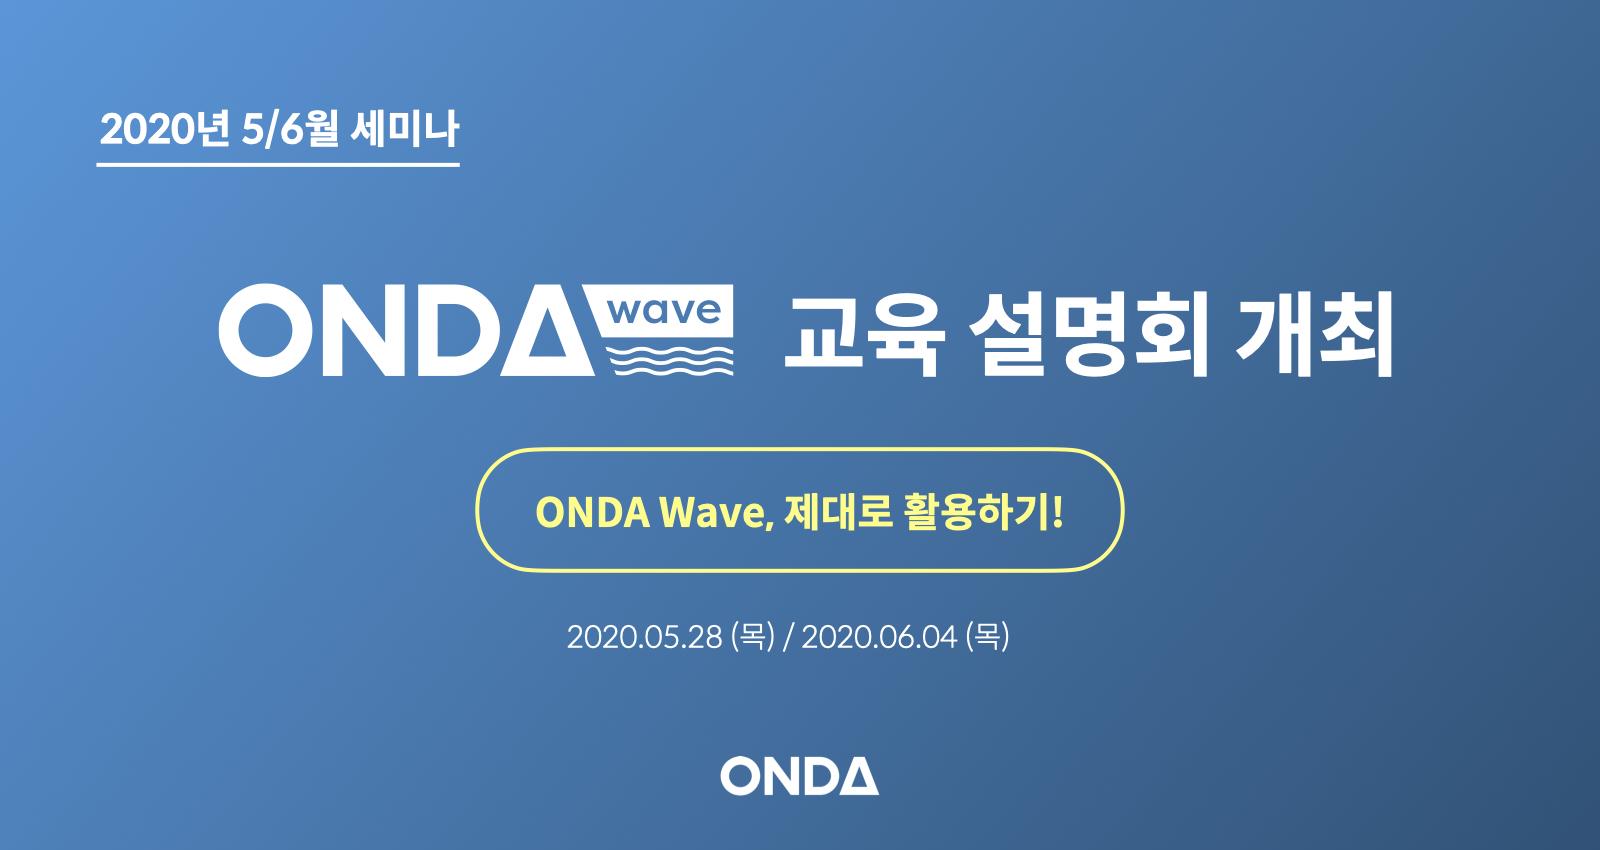 2020년 5/6월 ONDA Wave 교육 설명회 개최 공지